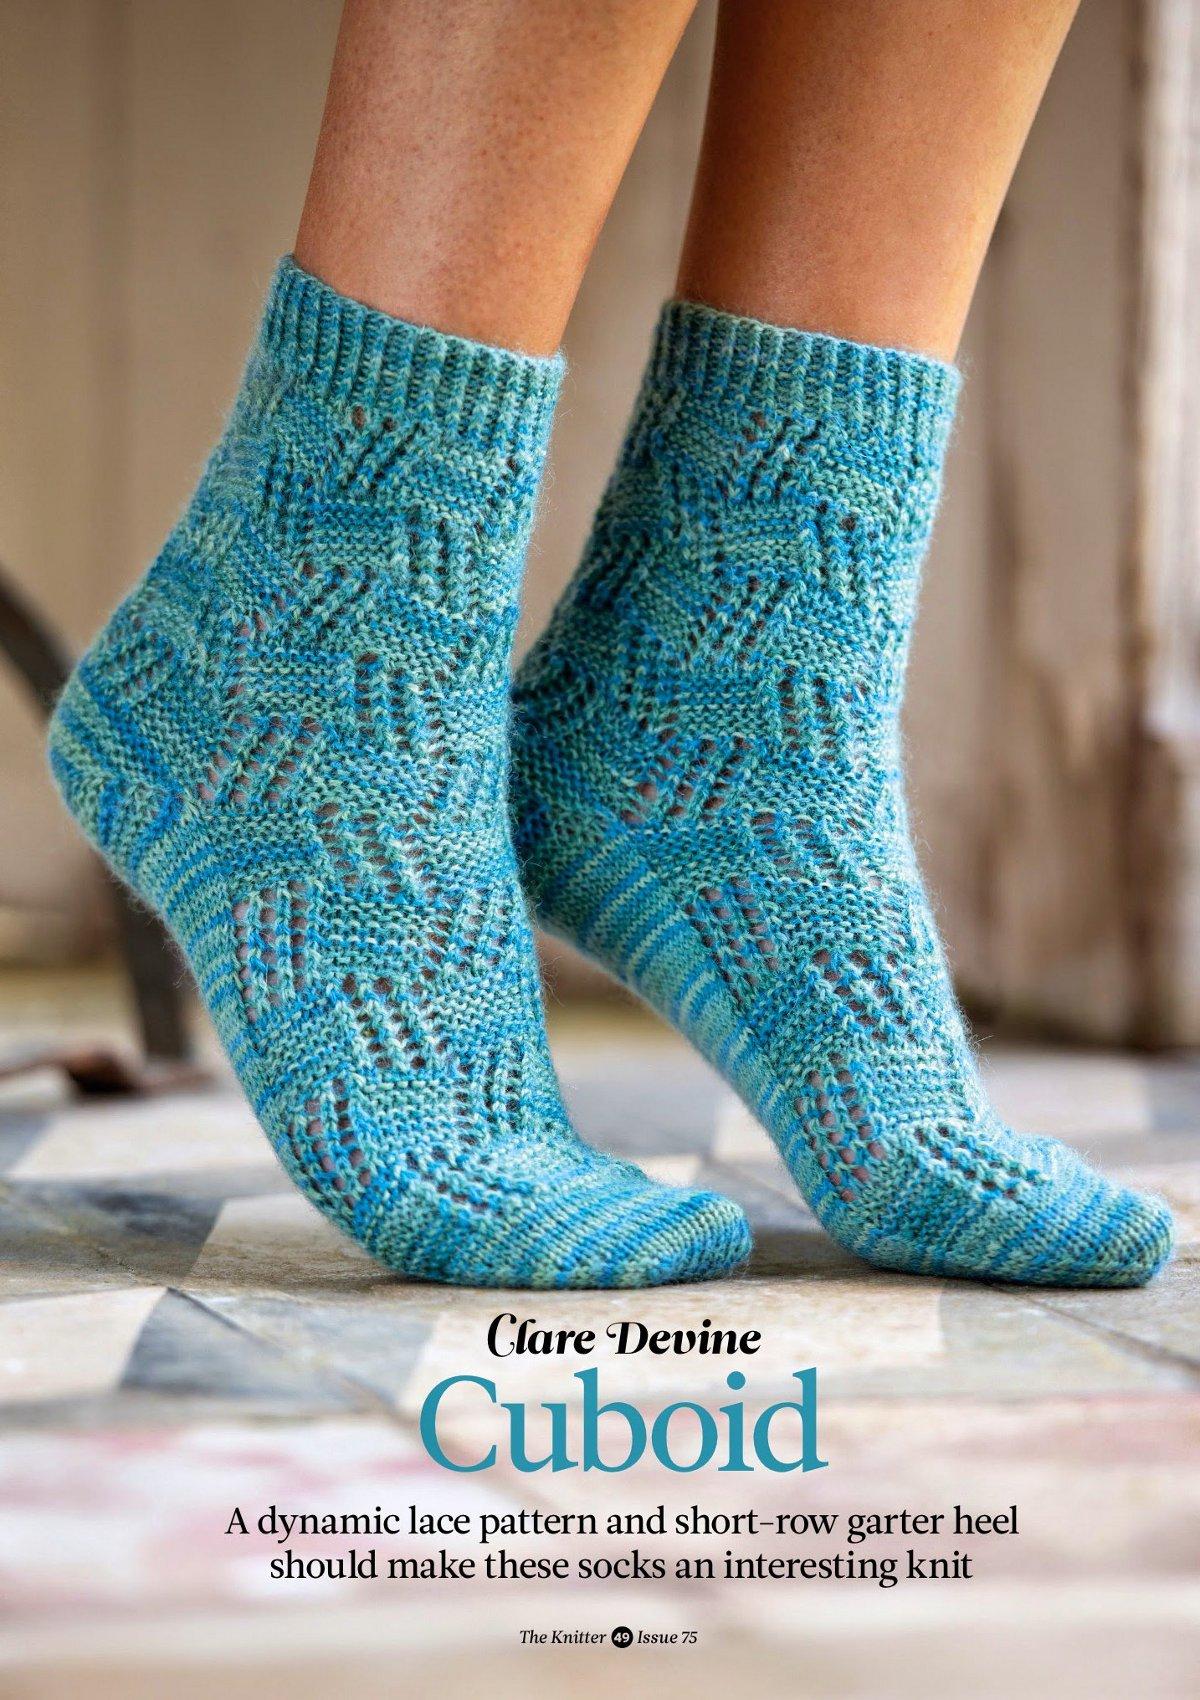 вязаные ажурные носки Cuboid The Knitter 75 вдохновленные